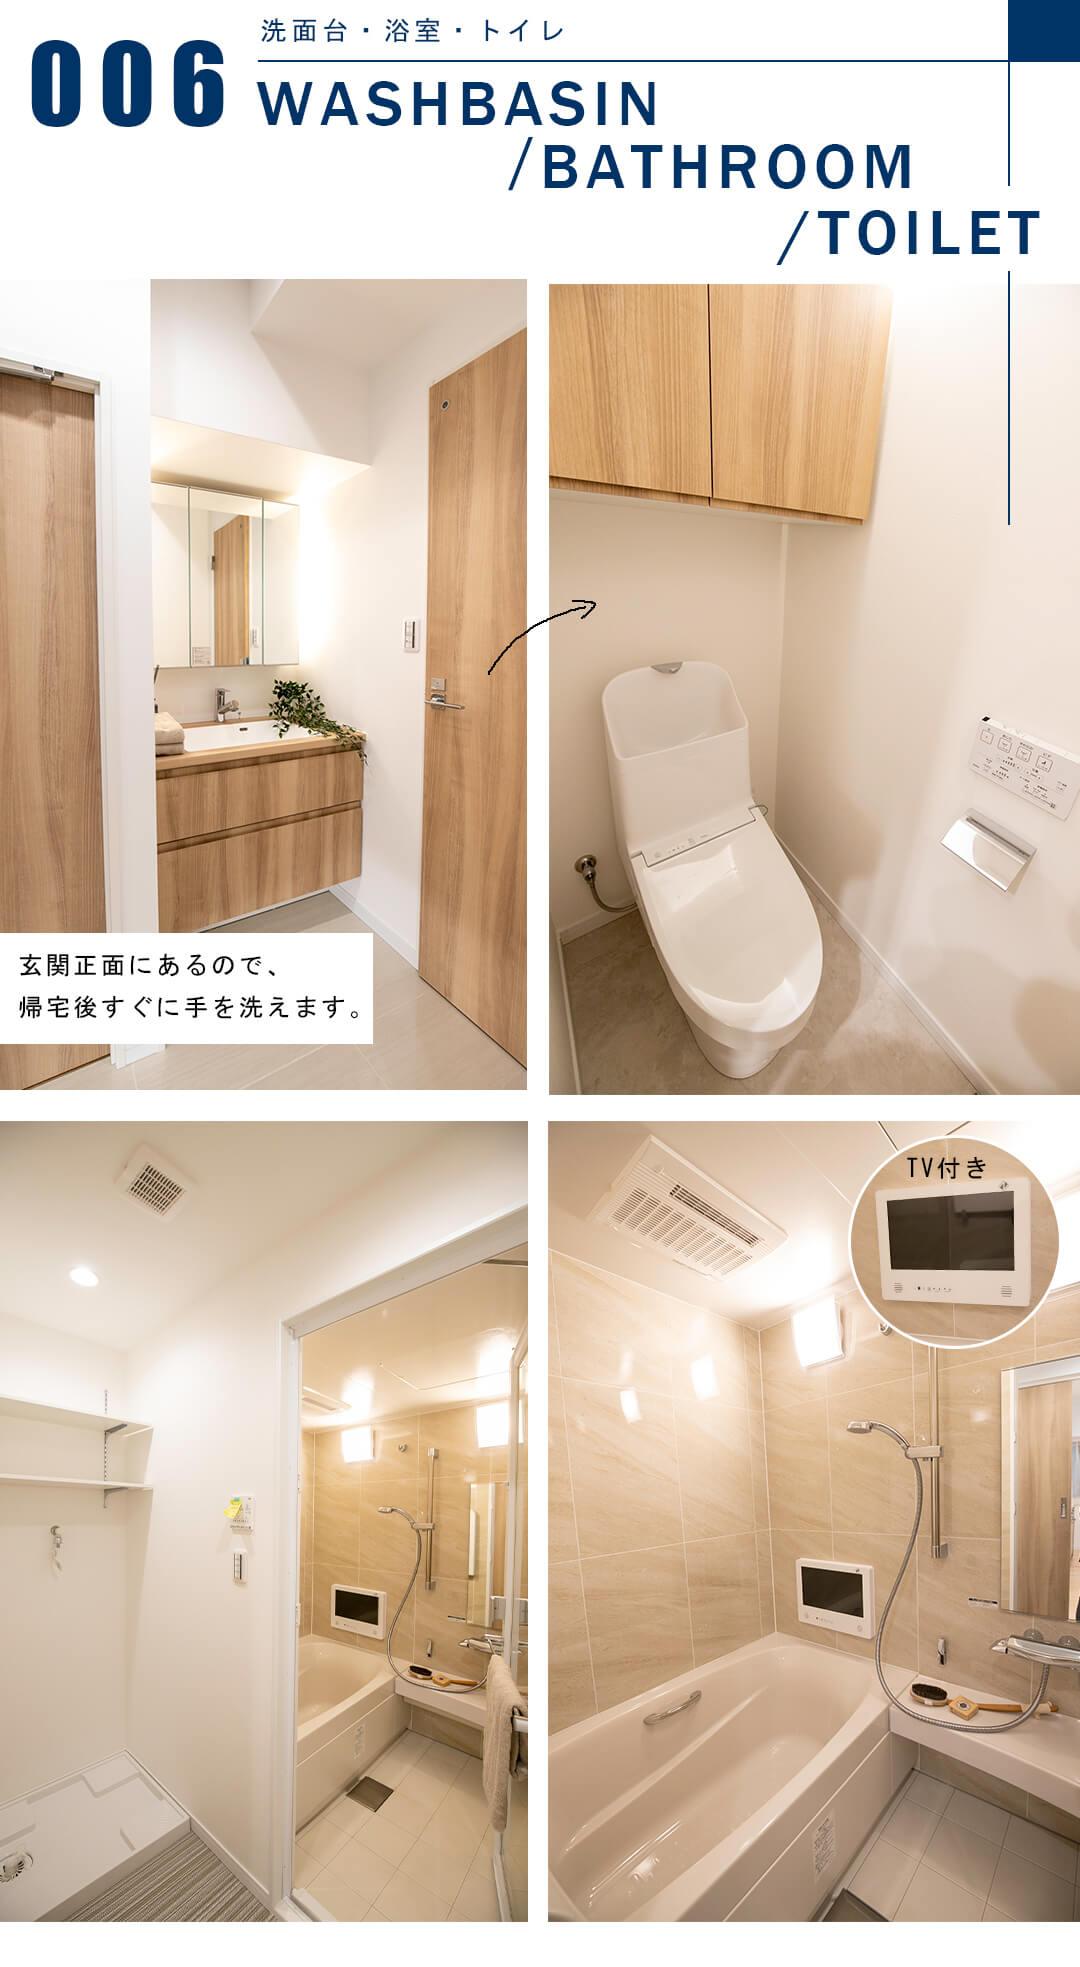 タウンハウス南青山の洗面台と浴室とトイレ